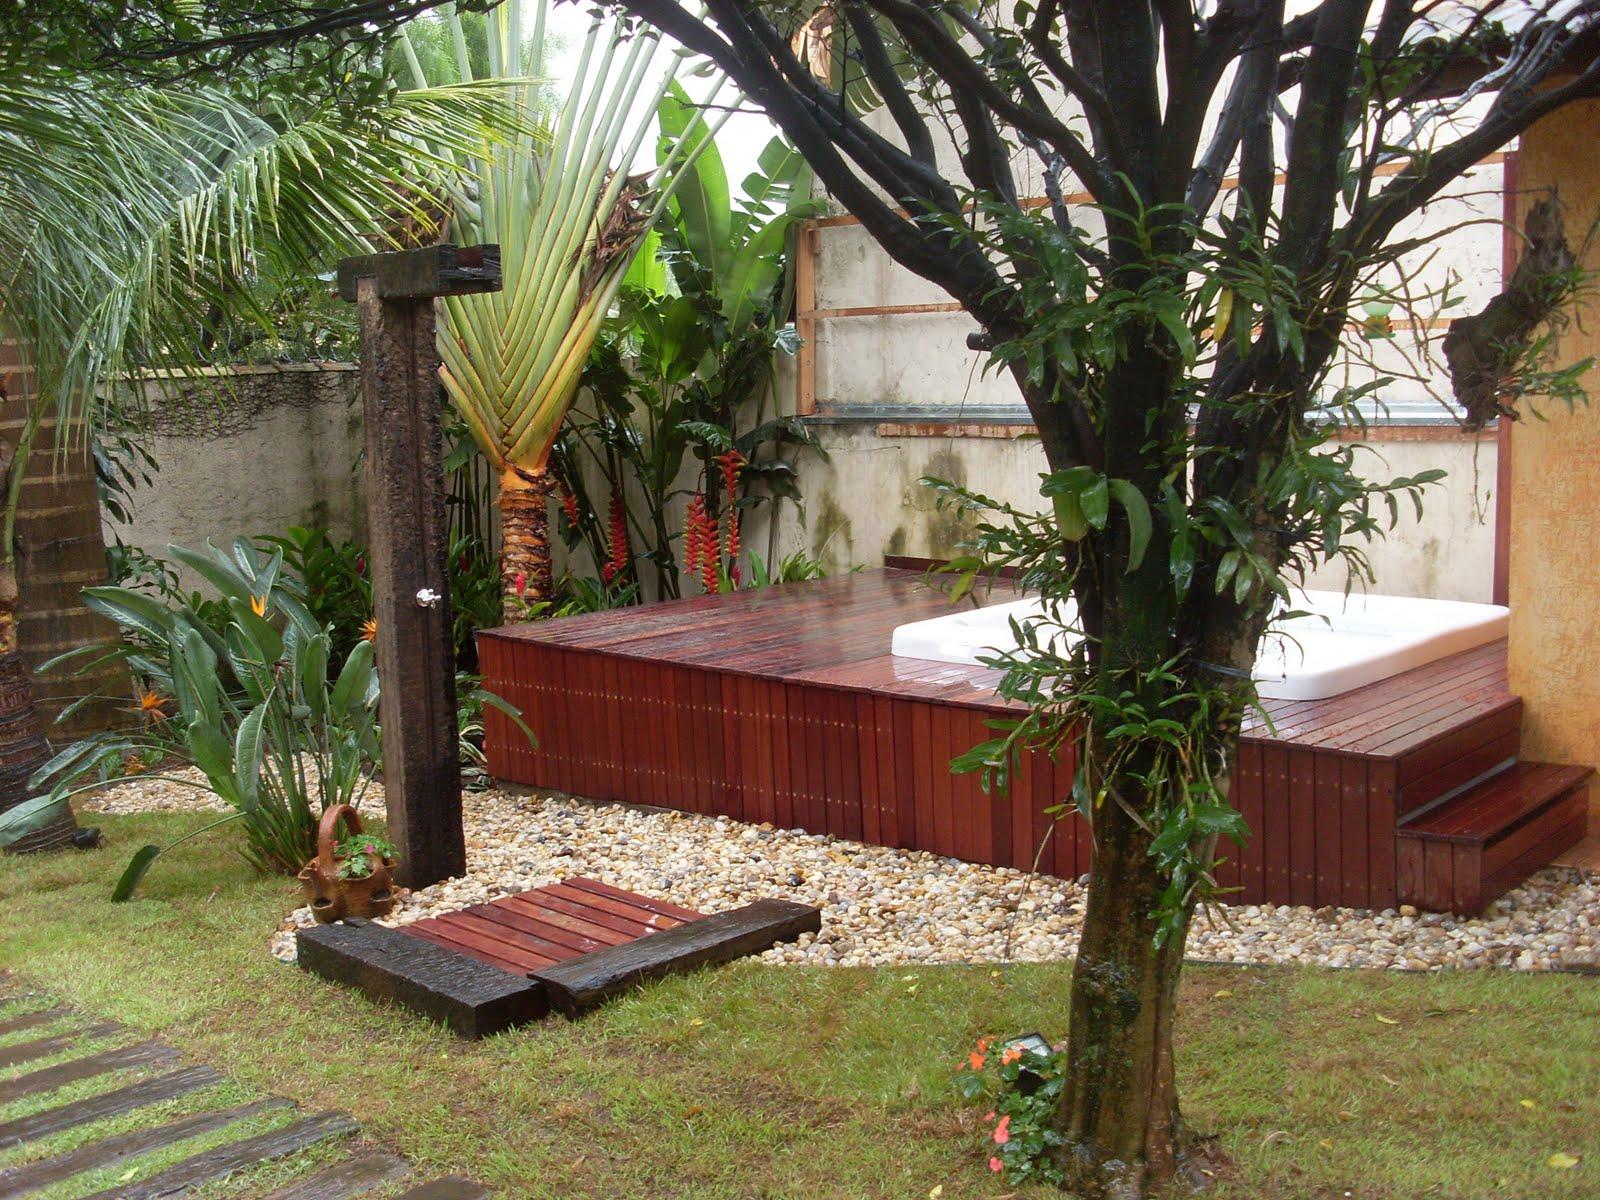 seixo para jardim em belem:para 6 pessoas, em meio ao jardim tropical , onde caminho de